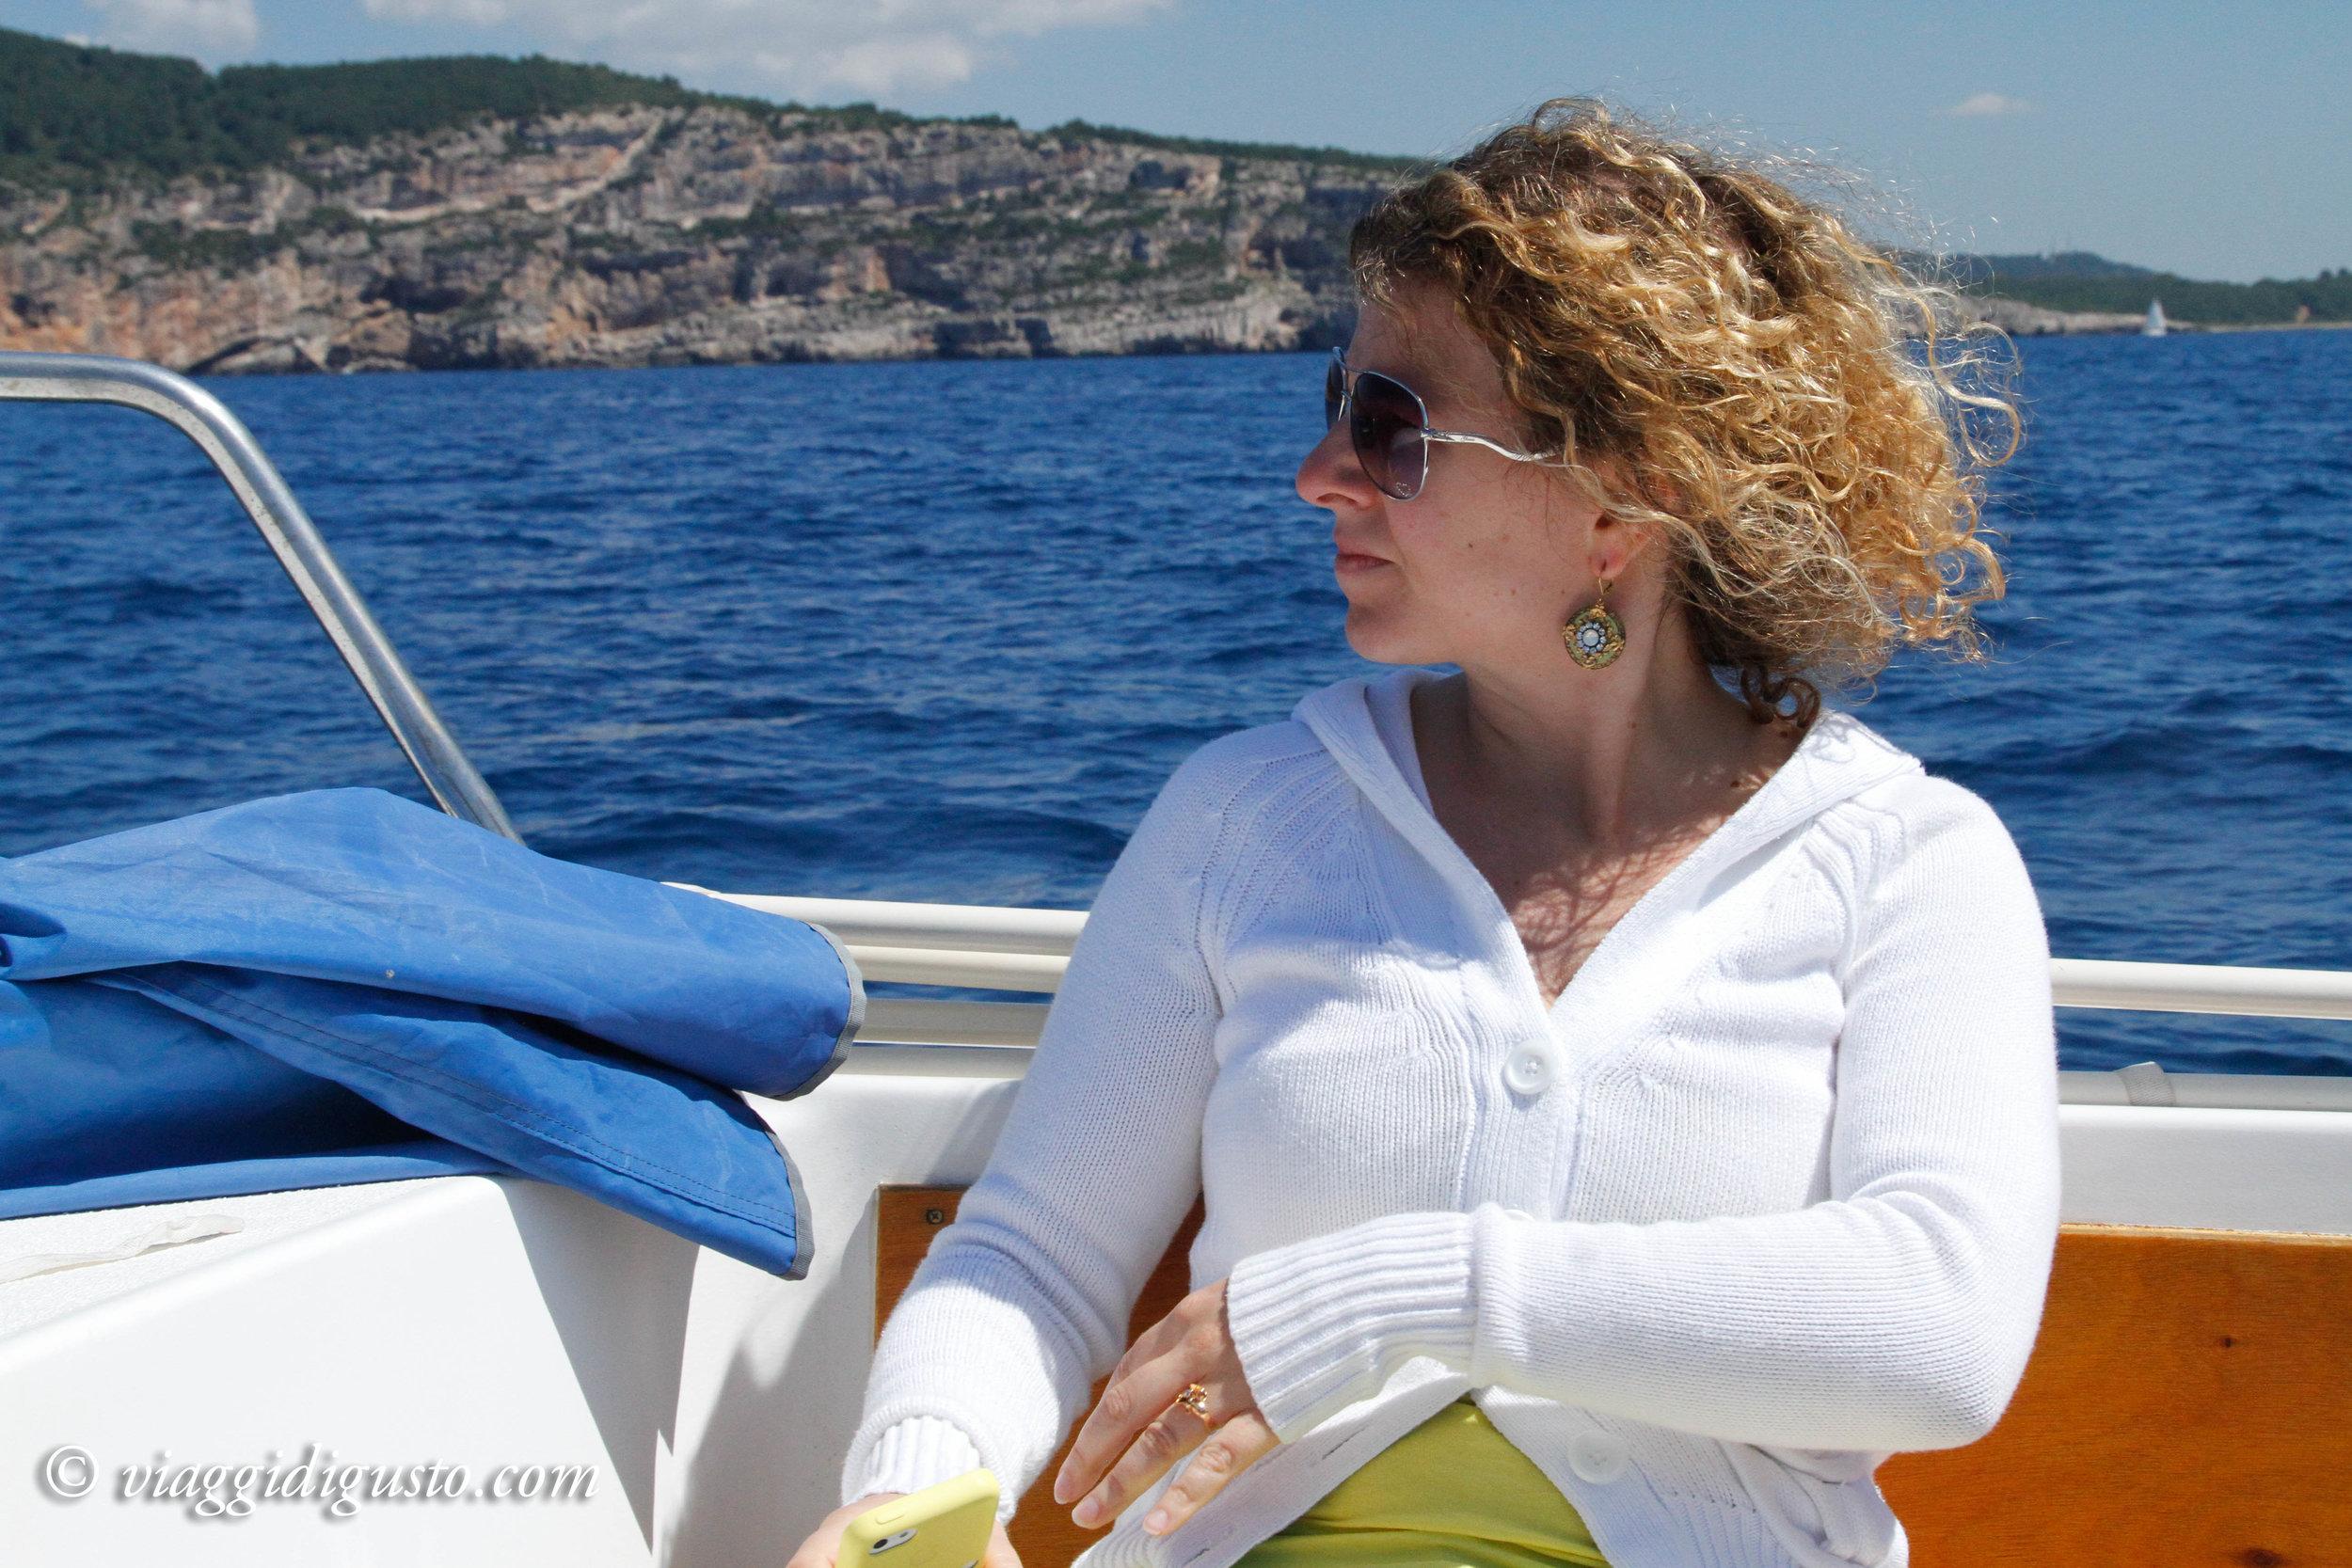 sardinia_alghero_2014_338.jpg